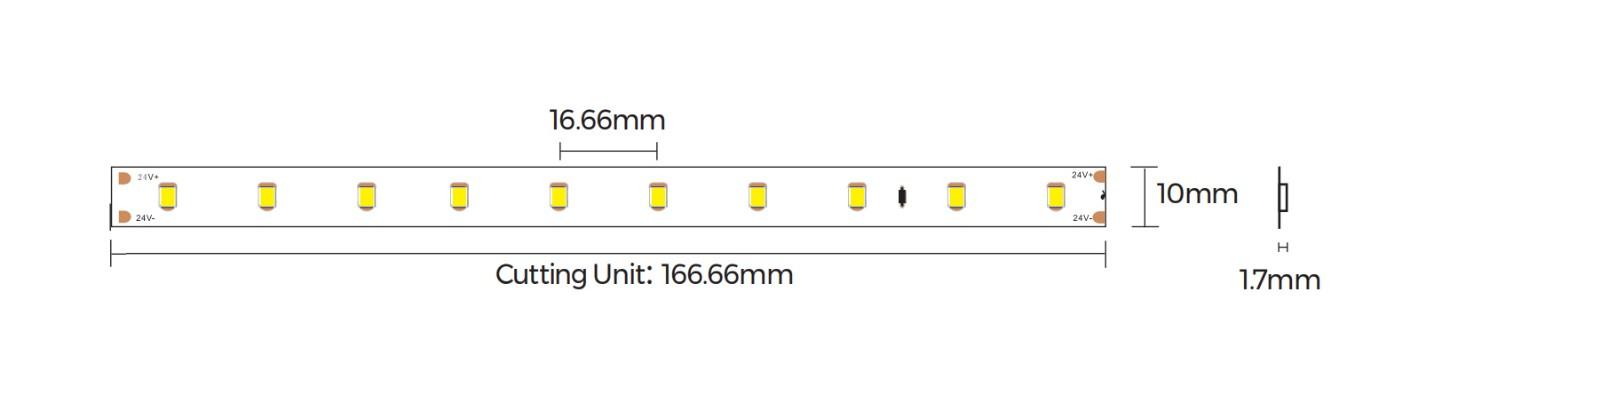 DS860-24V-10mm